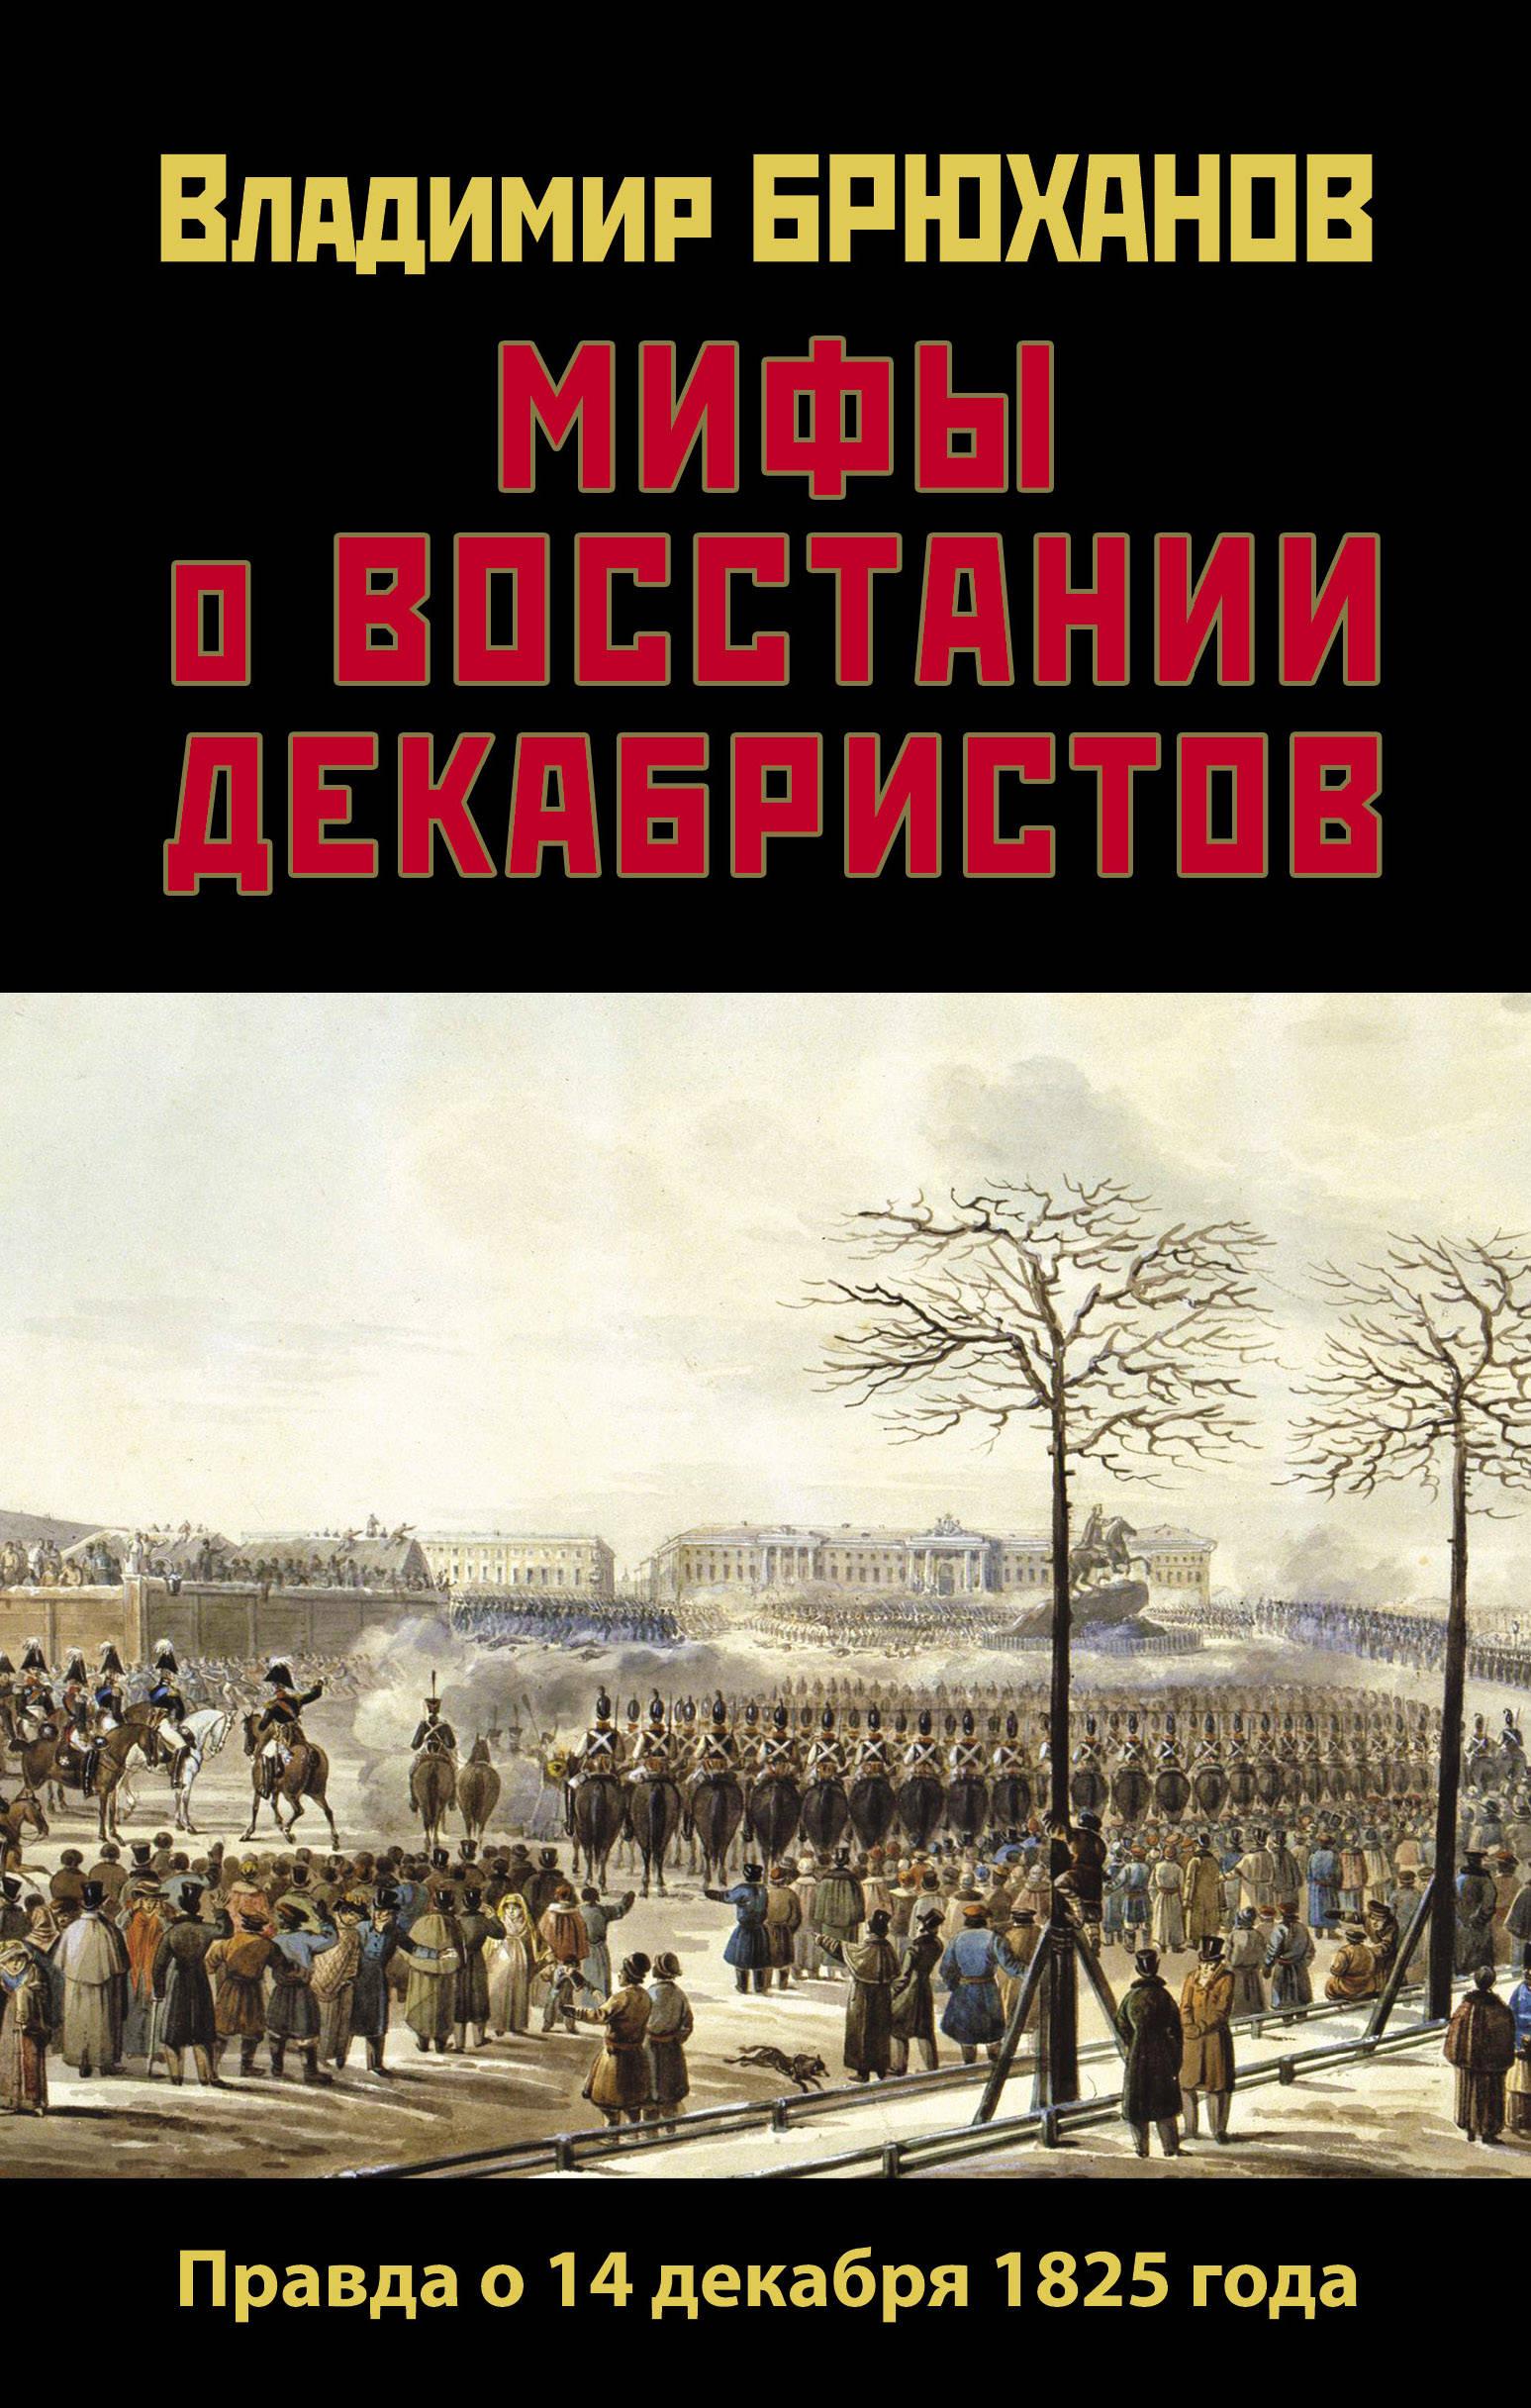 Mify o vosstanii dekabristov. Pravda o 14 dekabrja 1825 goda